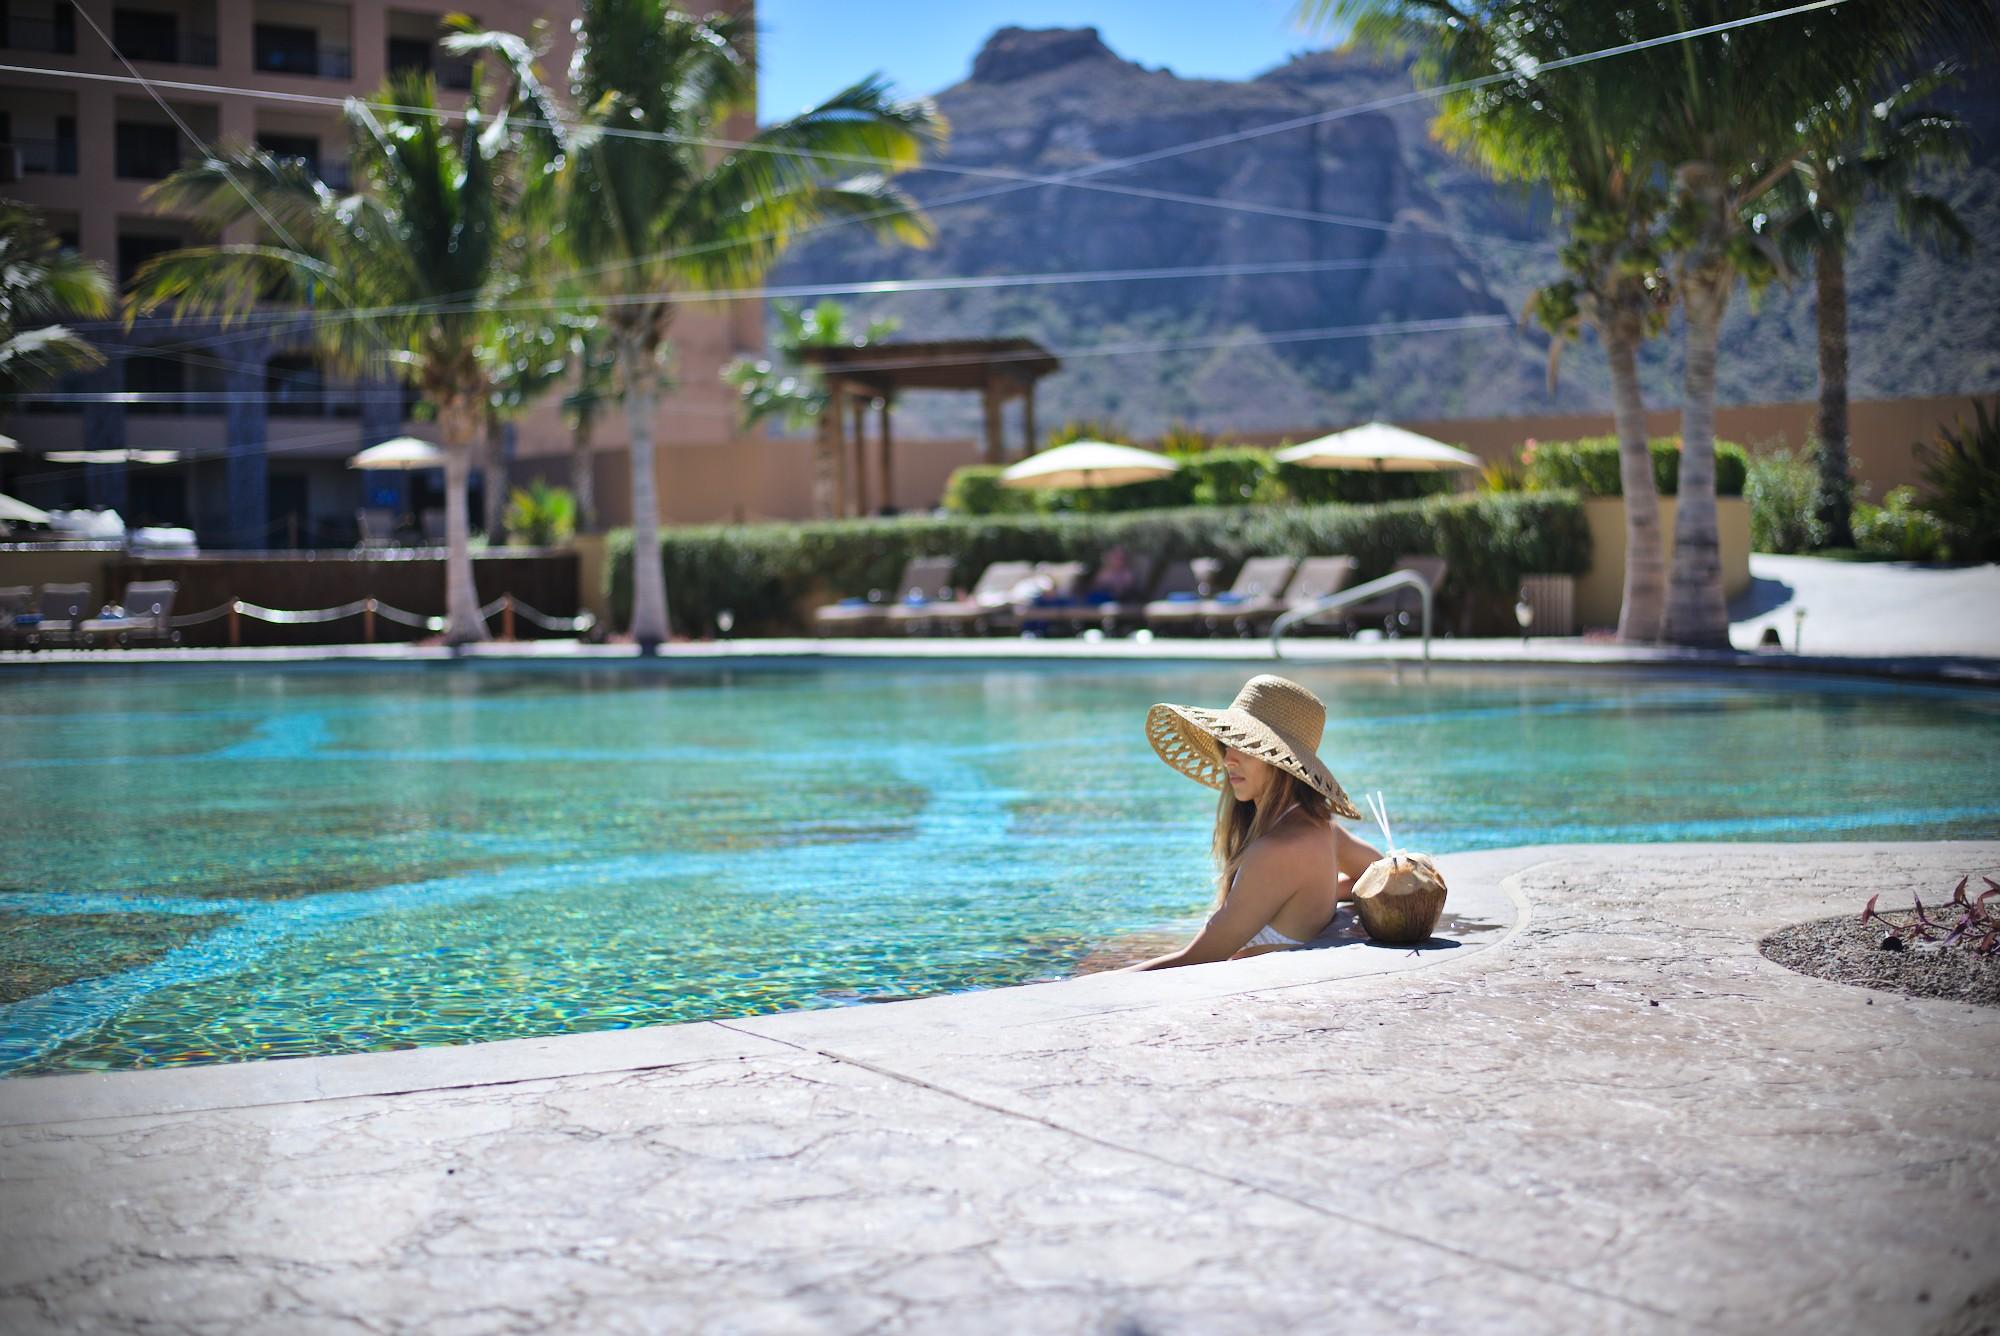 cuppajyo-sanfrancisco-fashion-lifestyle-blogger-villa-del-palmar-islands-of-loreto-mexico-from-town-